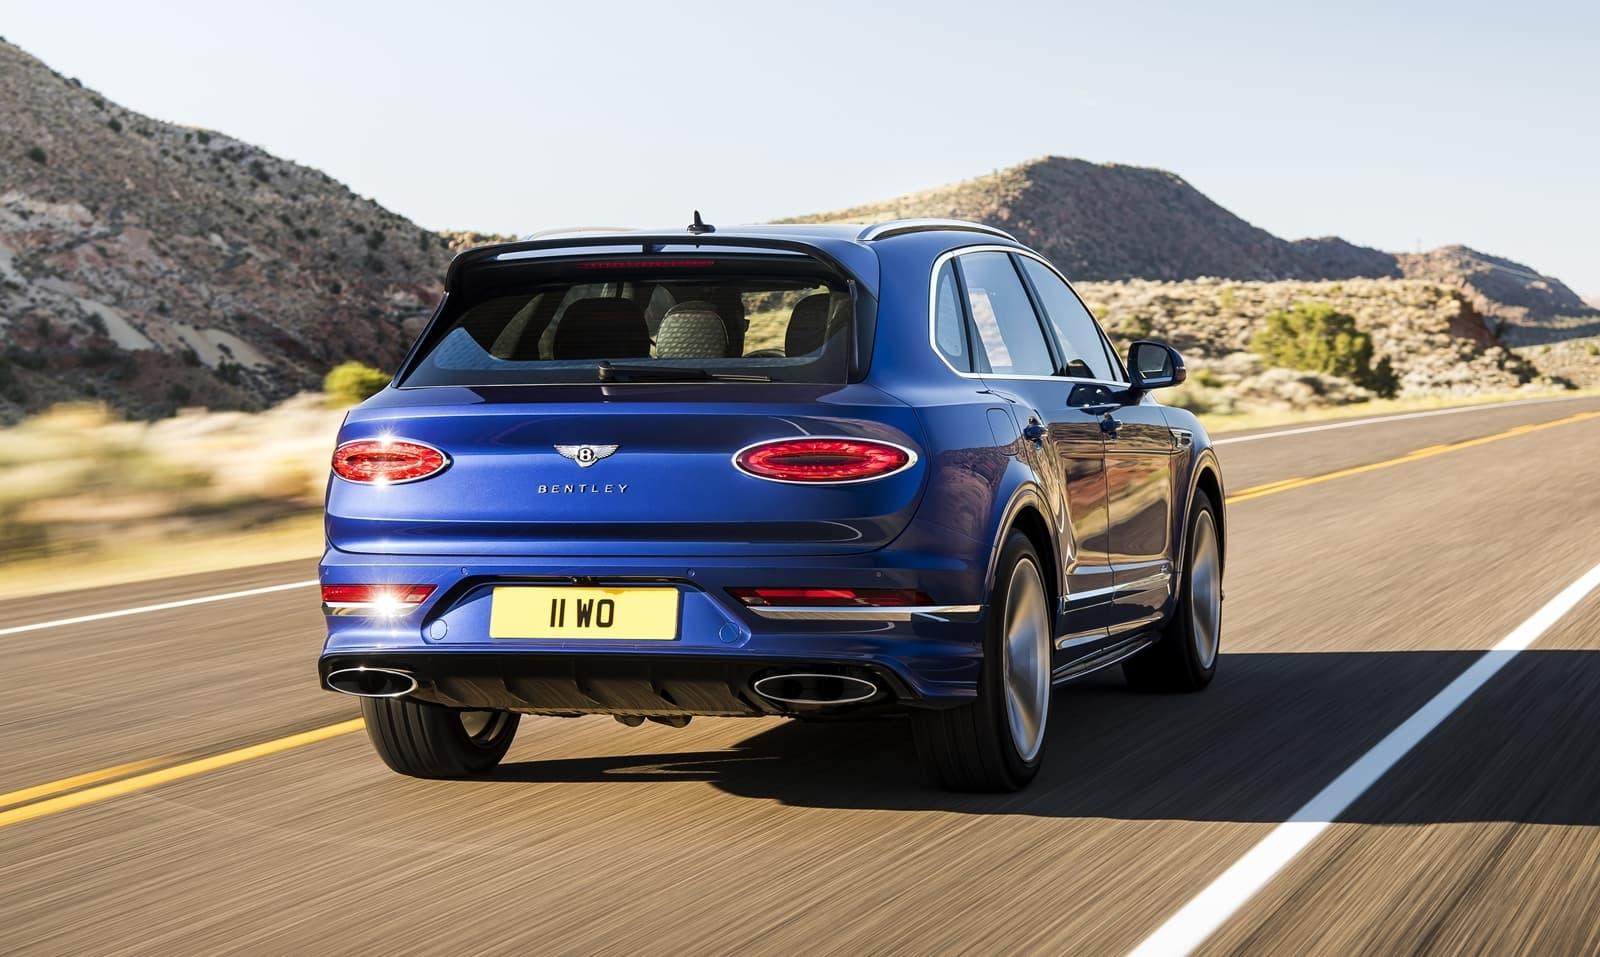 Bentley Bentayga Speed 2021 635 Cv Y 306 Km H Para Seguir Siendo El Suv Mas Rapido Diariomotor